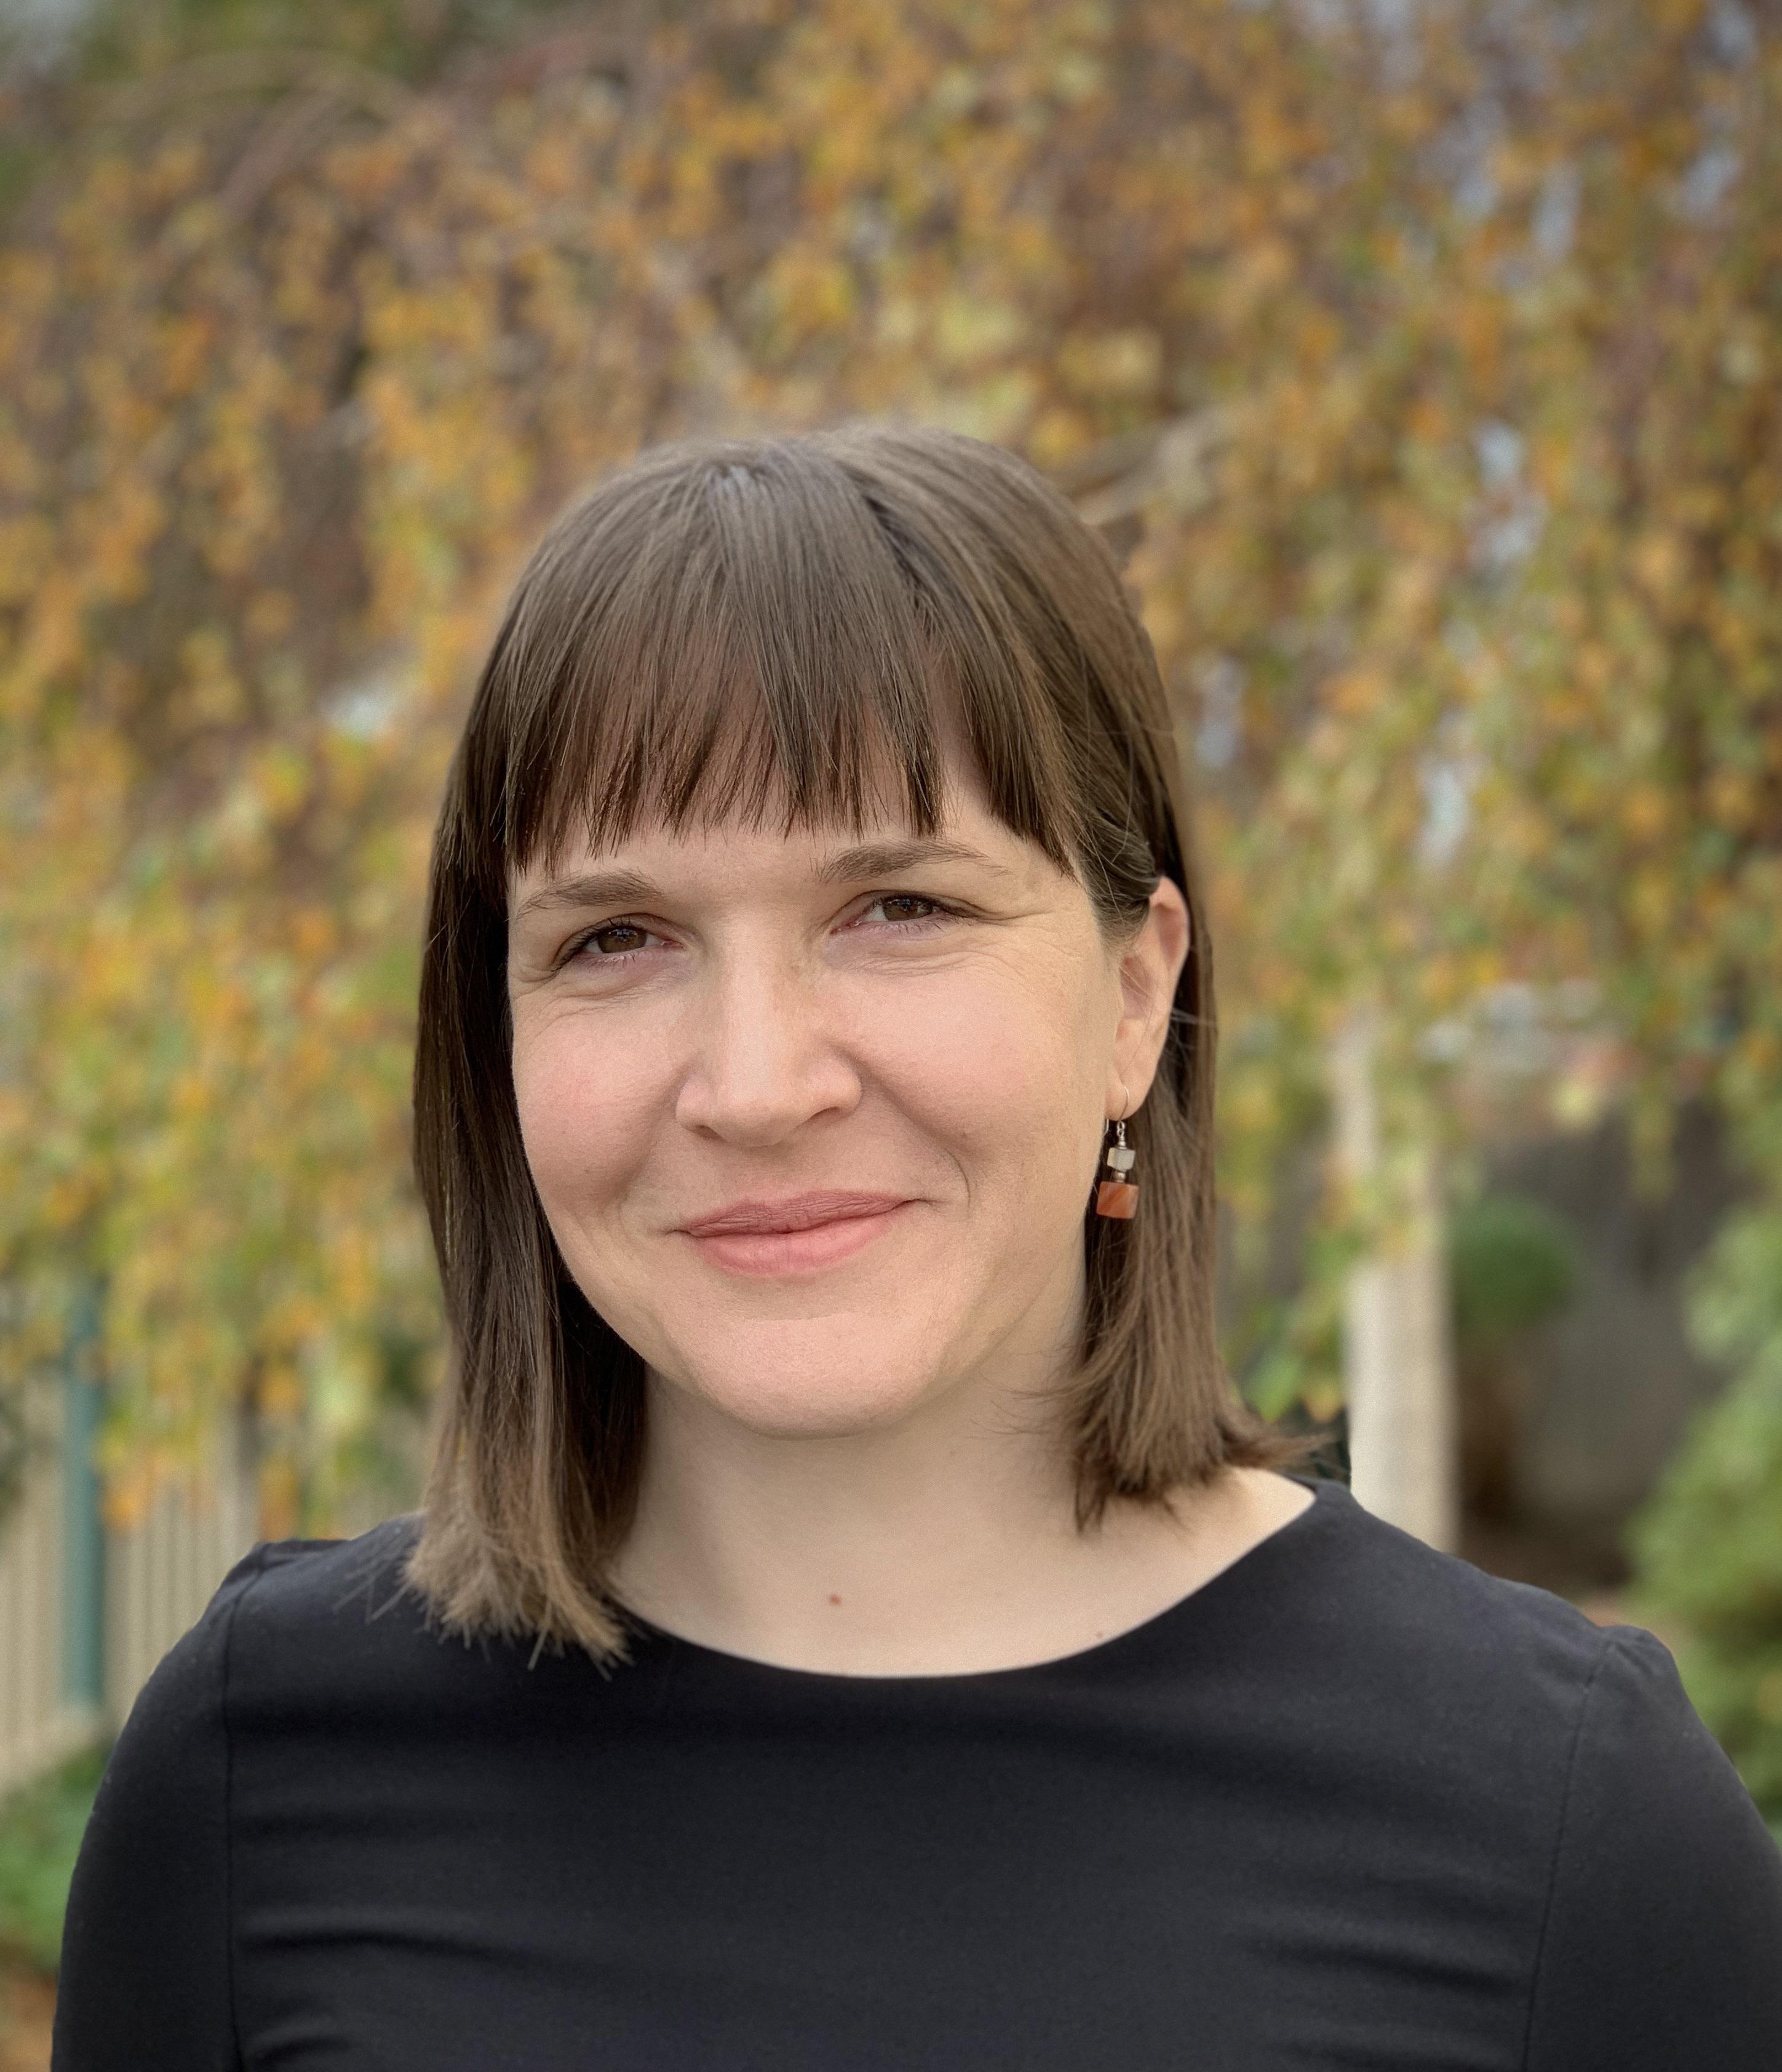 Profile picture of Rebekah Plueckhahn